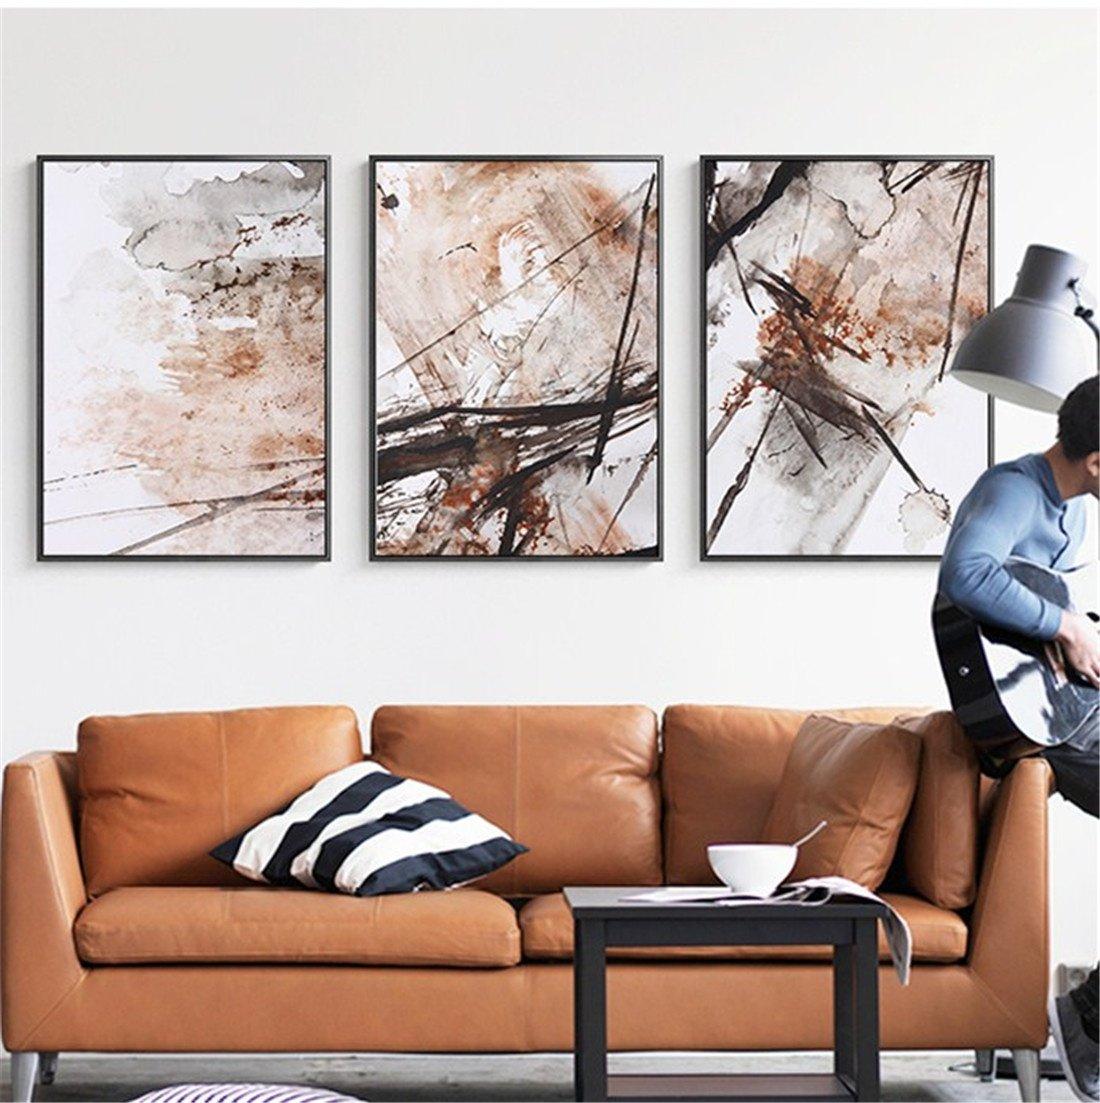 WUTONGarte Abstracto salón Decorativo Pintura sofá Fondo Pintura Moderna Estilo Minimalista Triple Pintura Creativa nórdica Pintura de Pared (43  60  3cm)